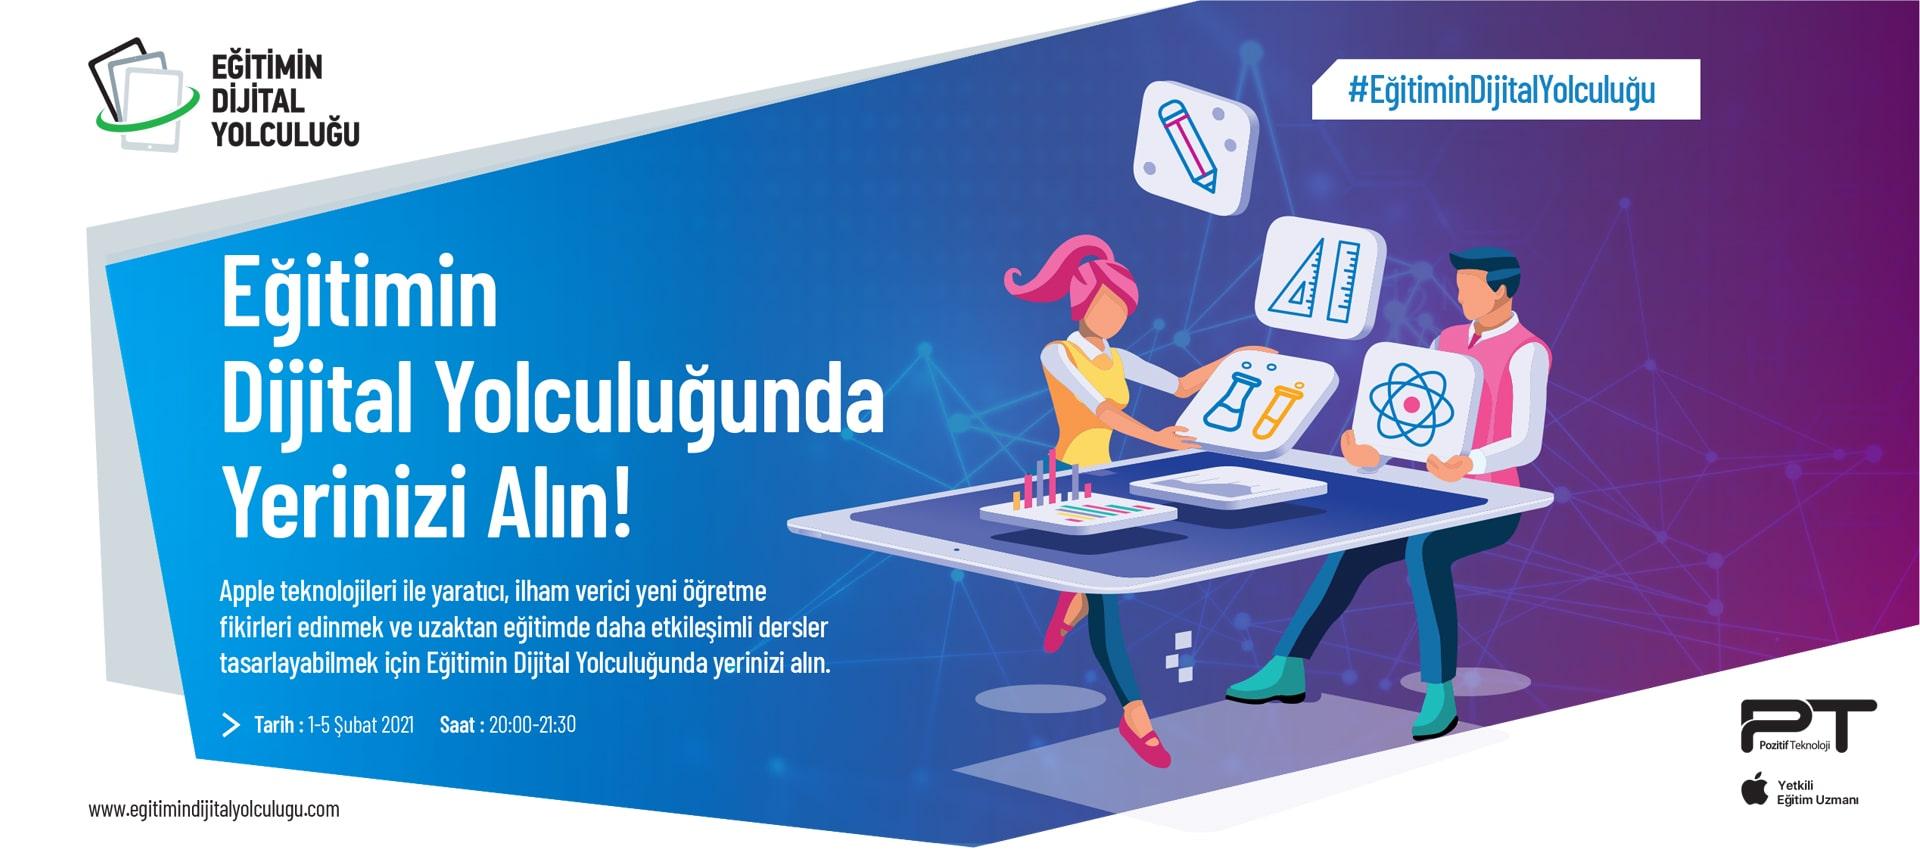 PT_Egitimin-Dijital_yolculugu-2021-slider